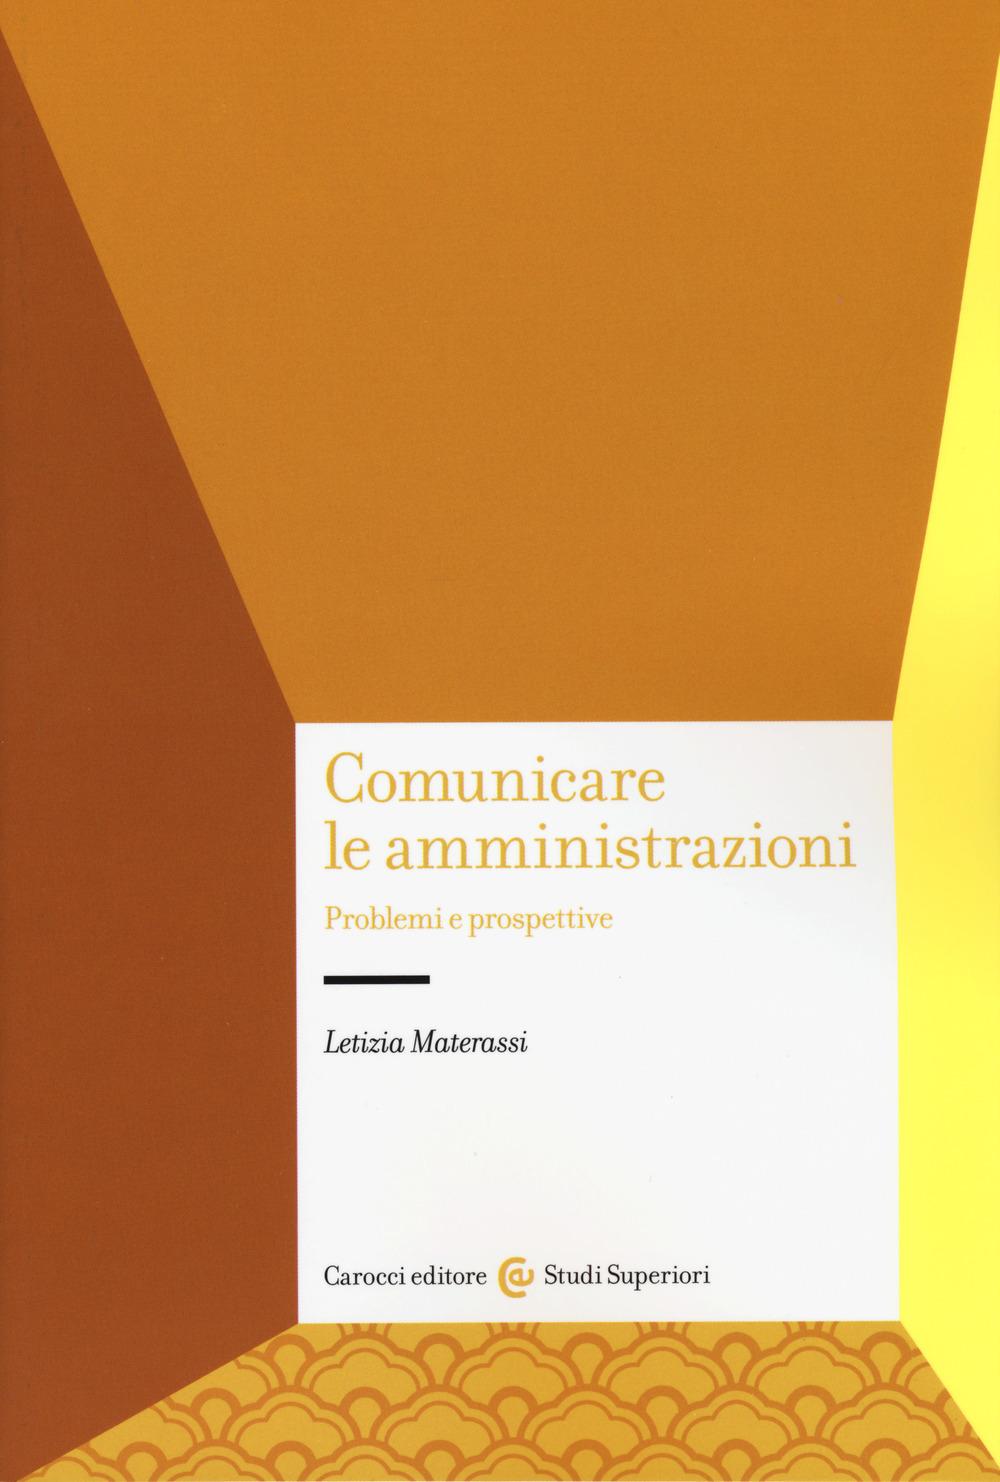 Comunicare le amministrazioni. Problemi e prospettive